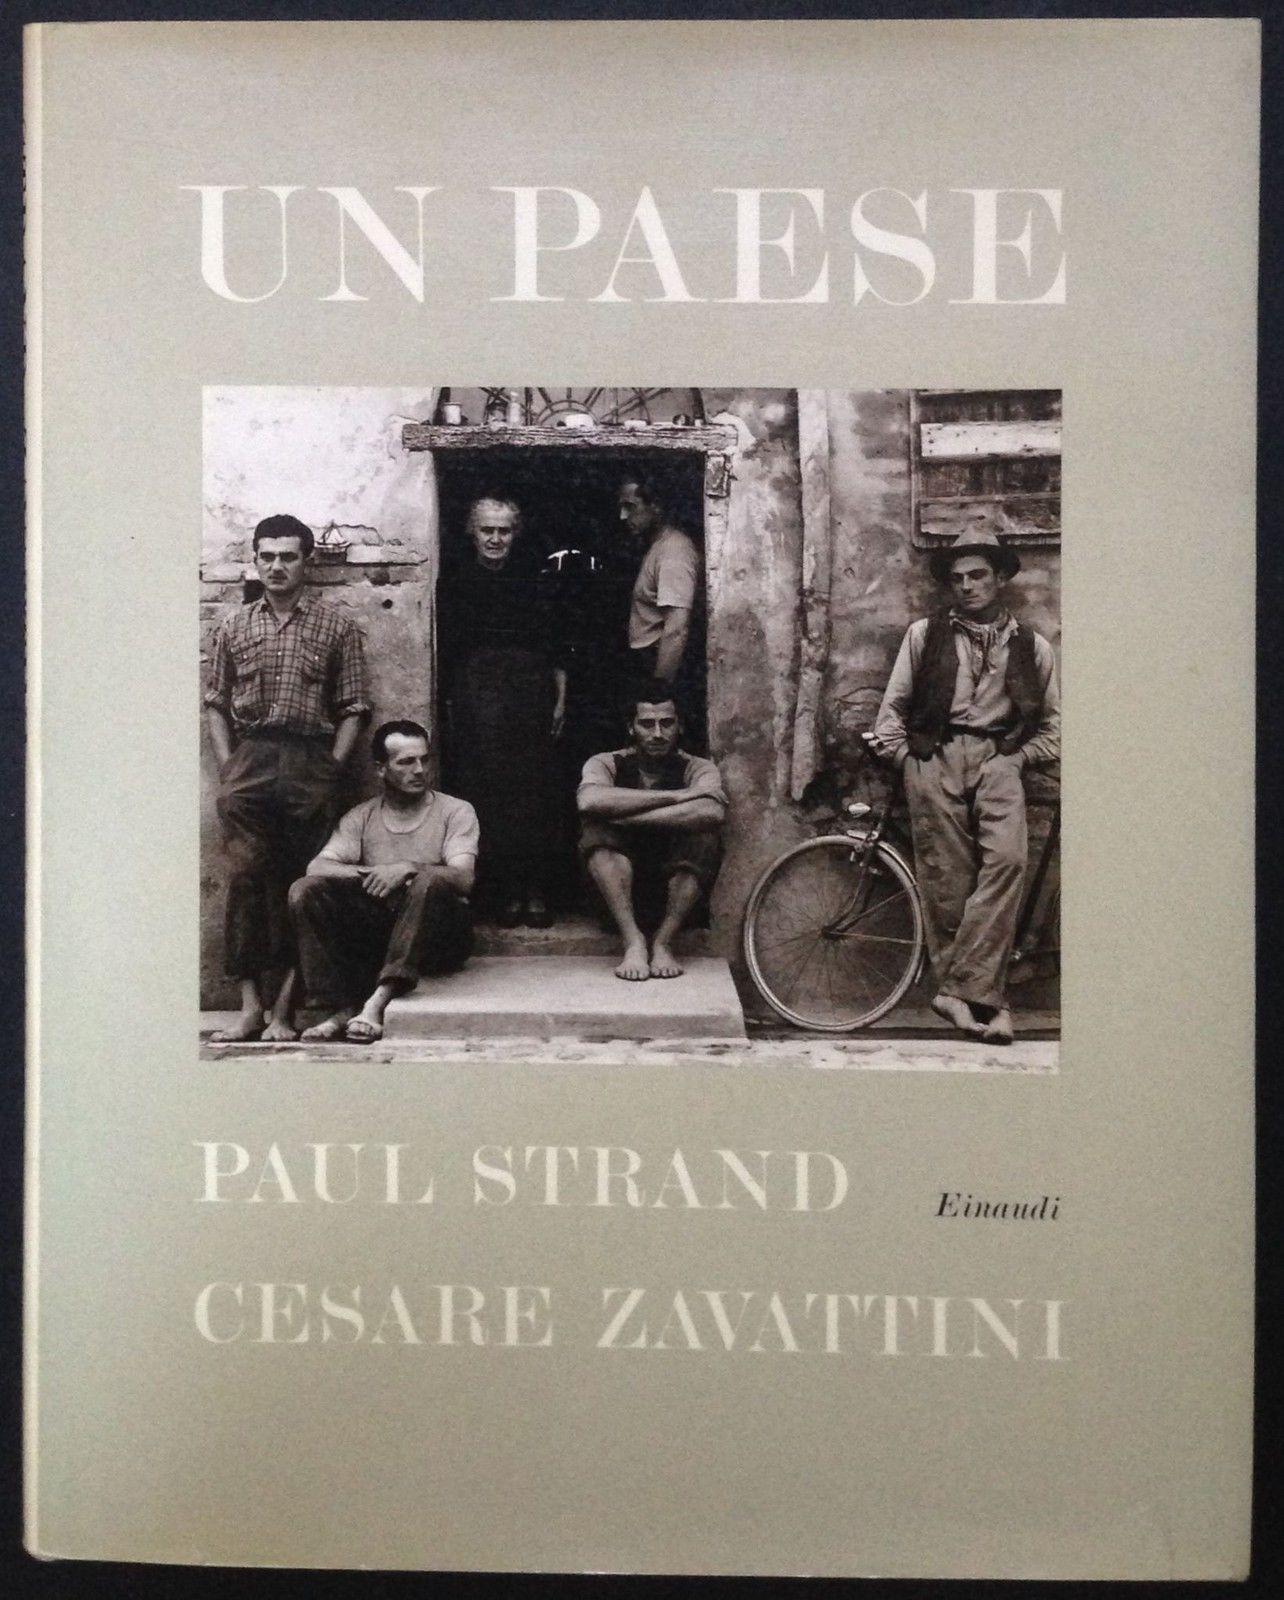 Un paese di Paul Strand (fotografie) e Cesare Zavattini (testo) – Prima edizione Einaudi 1955